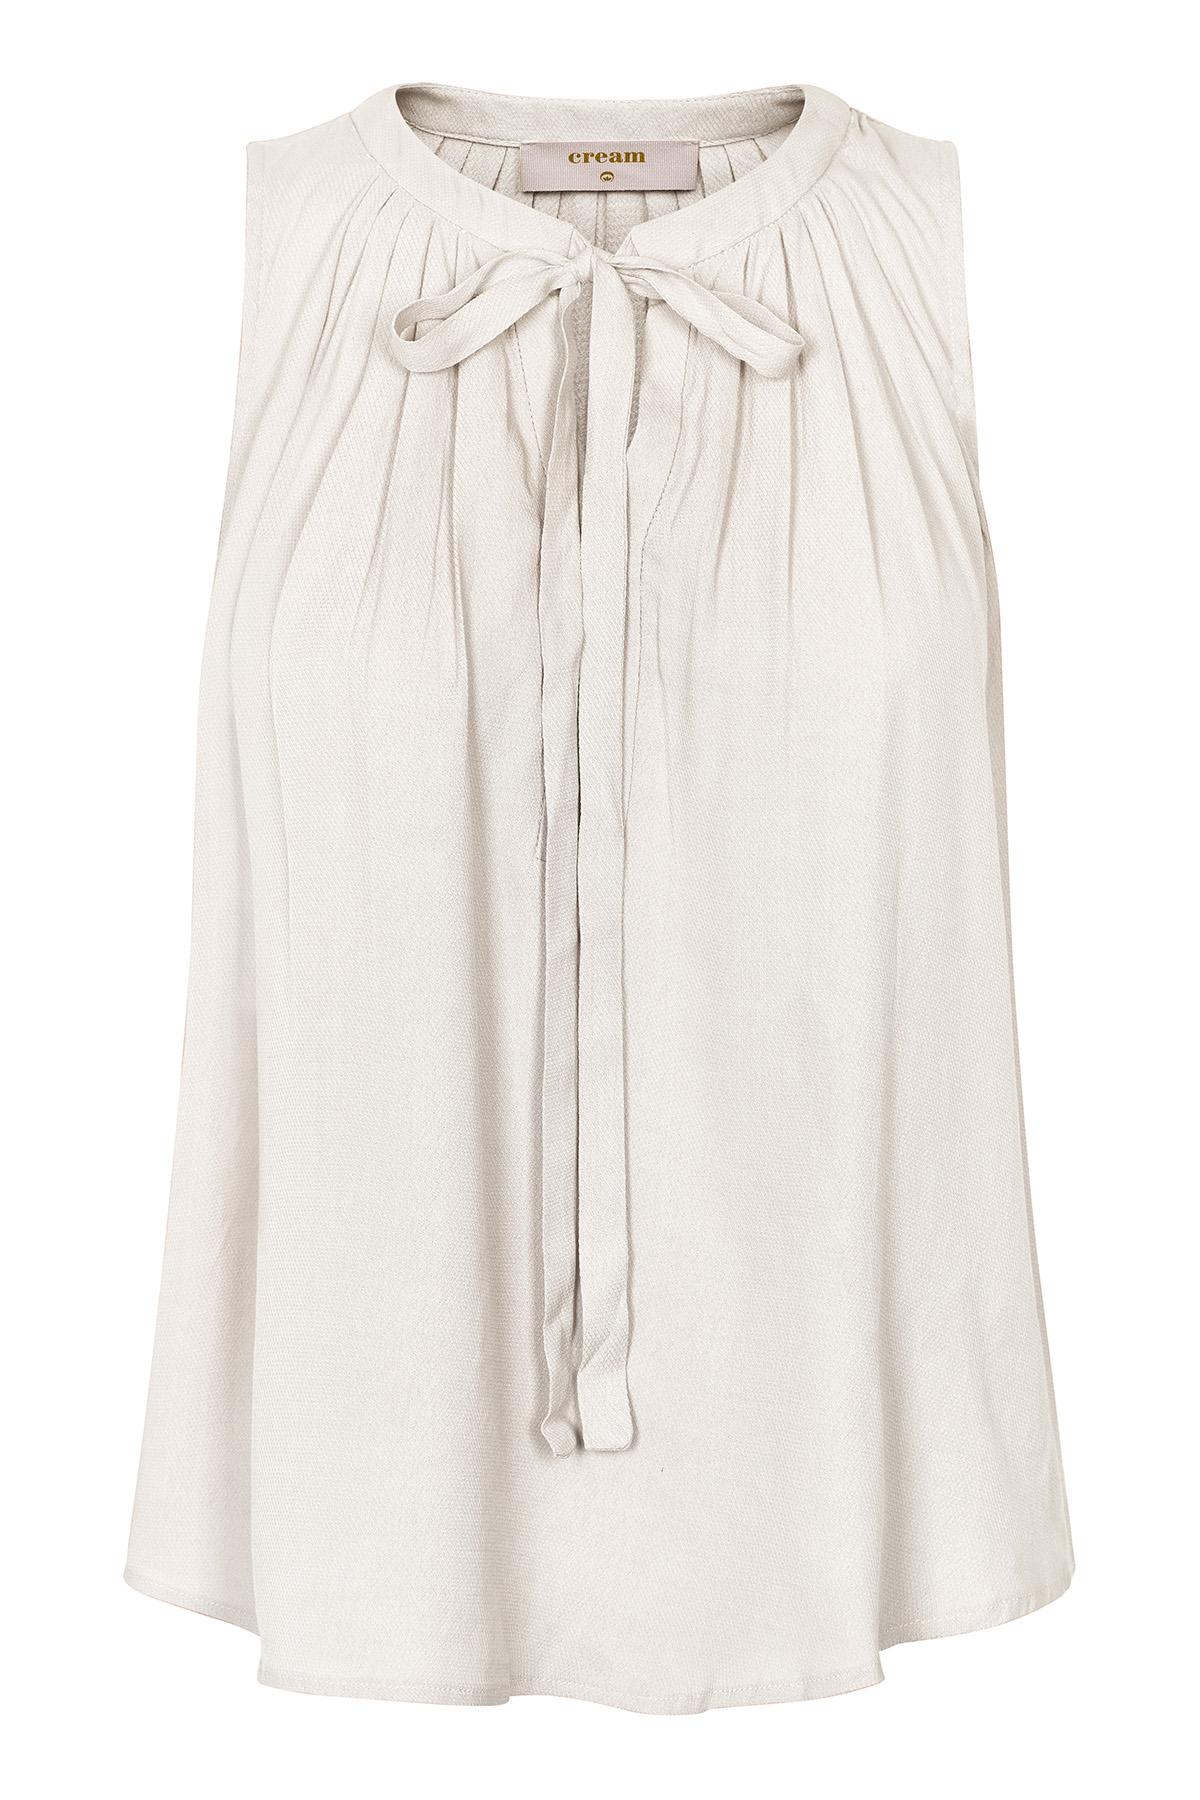 Image of Cream Dame Kortærmet bluse - Off-white